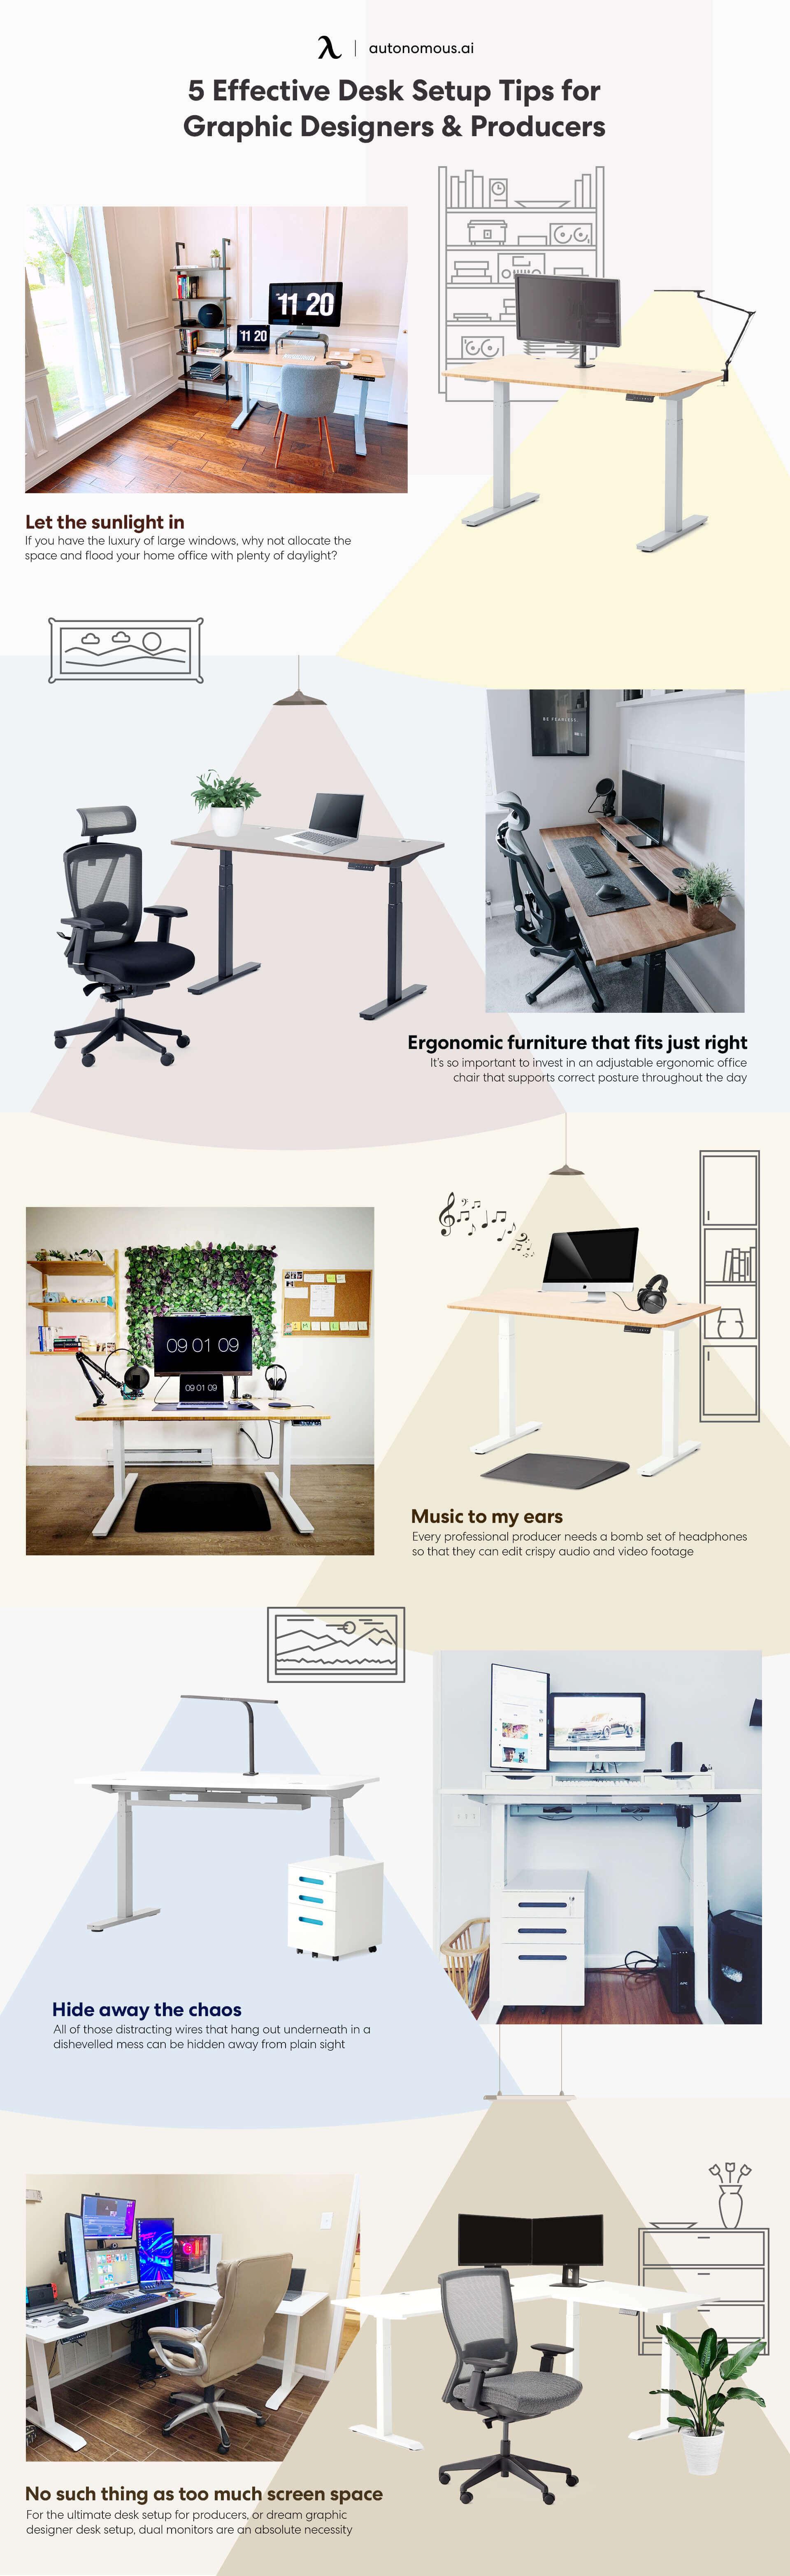 Desk setup for graphic designer and producer